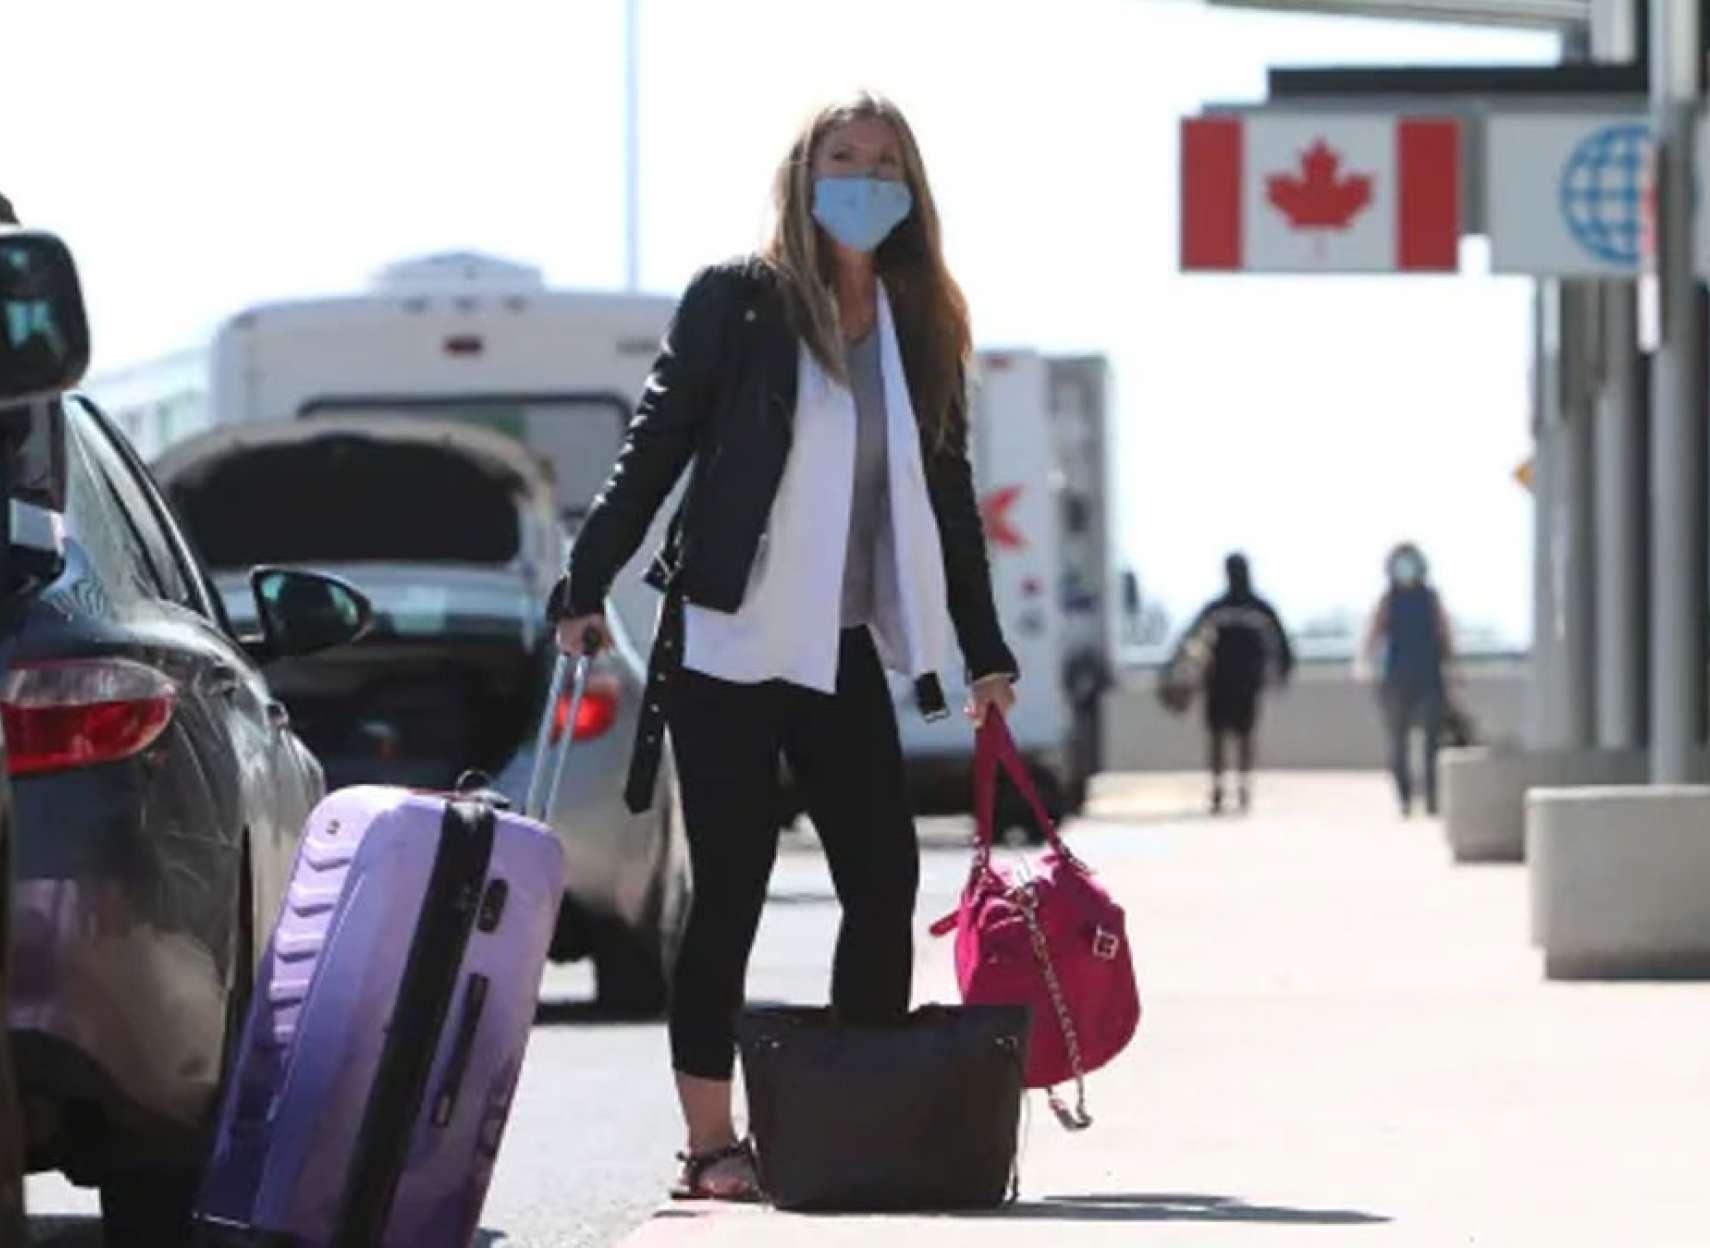 خبر-کانادا-اولین-پاسپورت-واکسن-کرونا-در-ماه-ژوئیه-اطلاعاتتان-به-اشتراک-گذاشته-می-شود